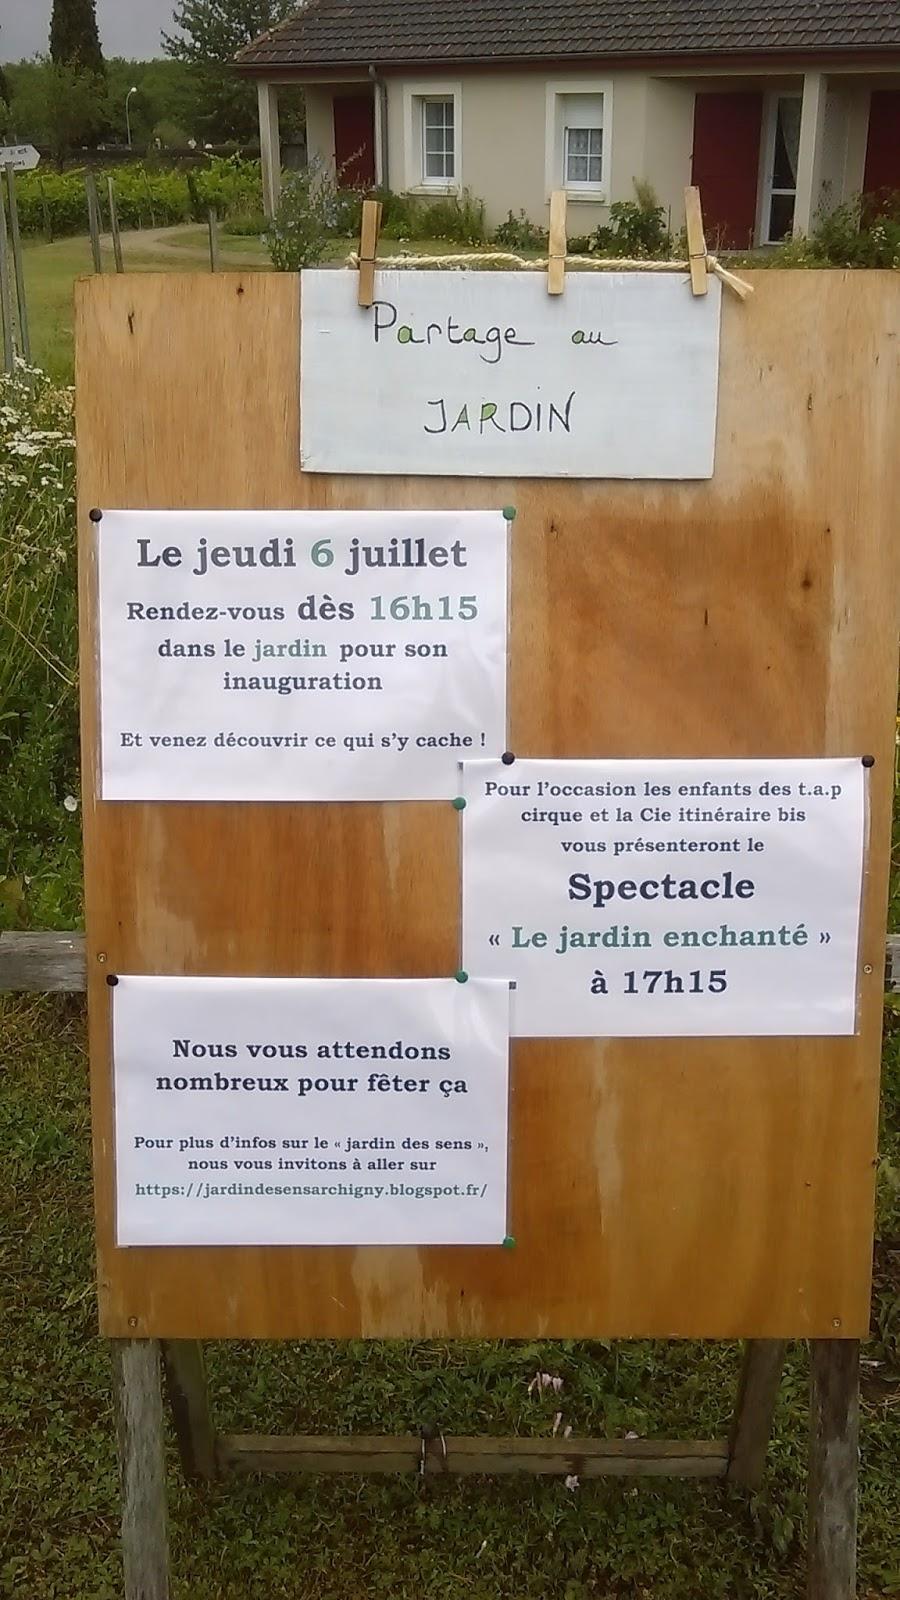 Jardin des sens un t au jardin for Jardin des sens saigon